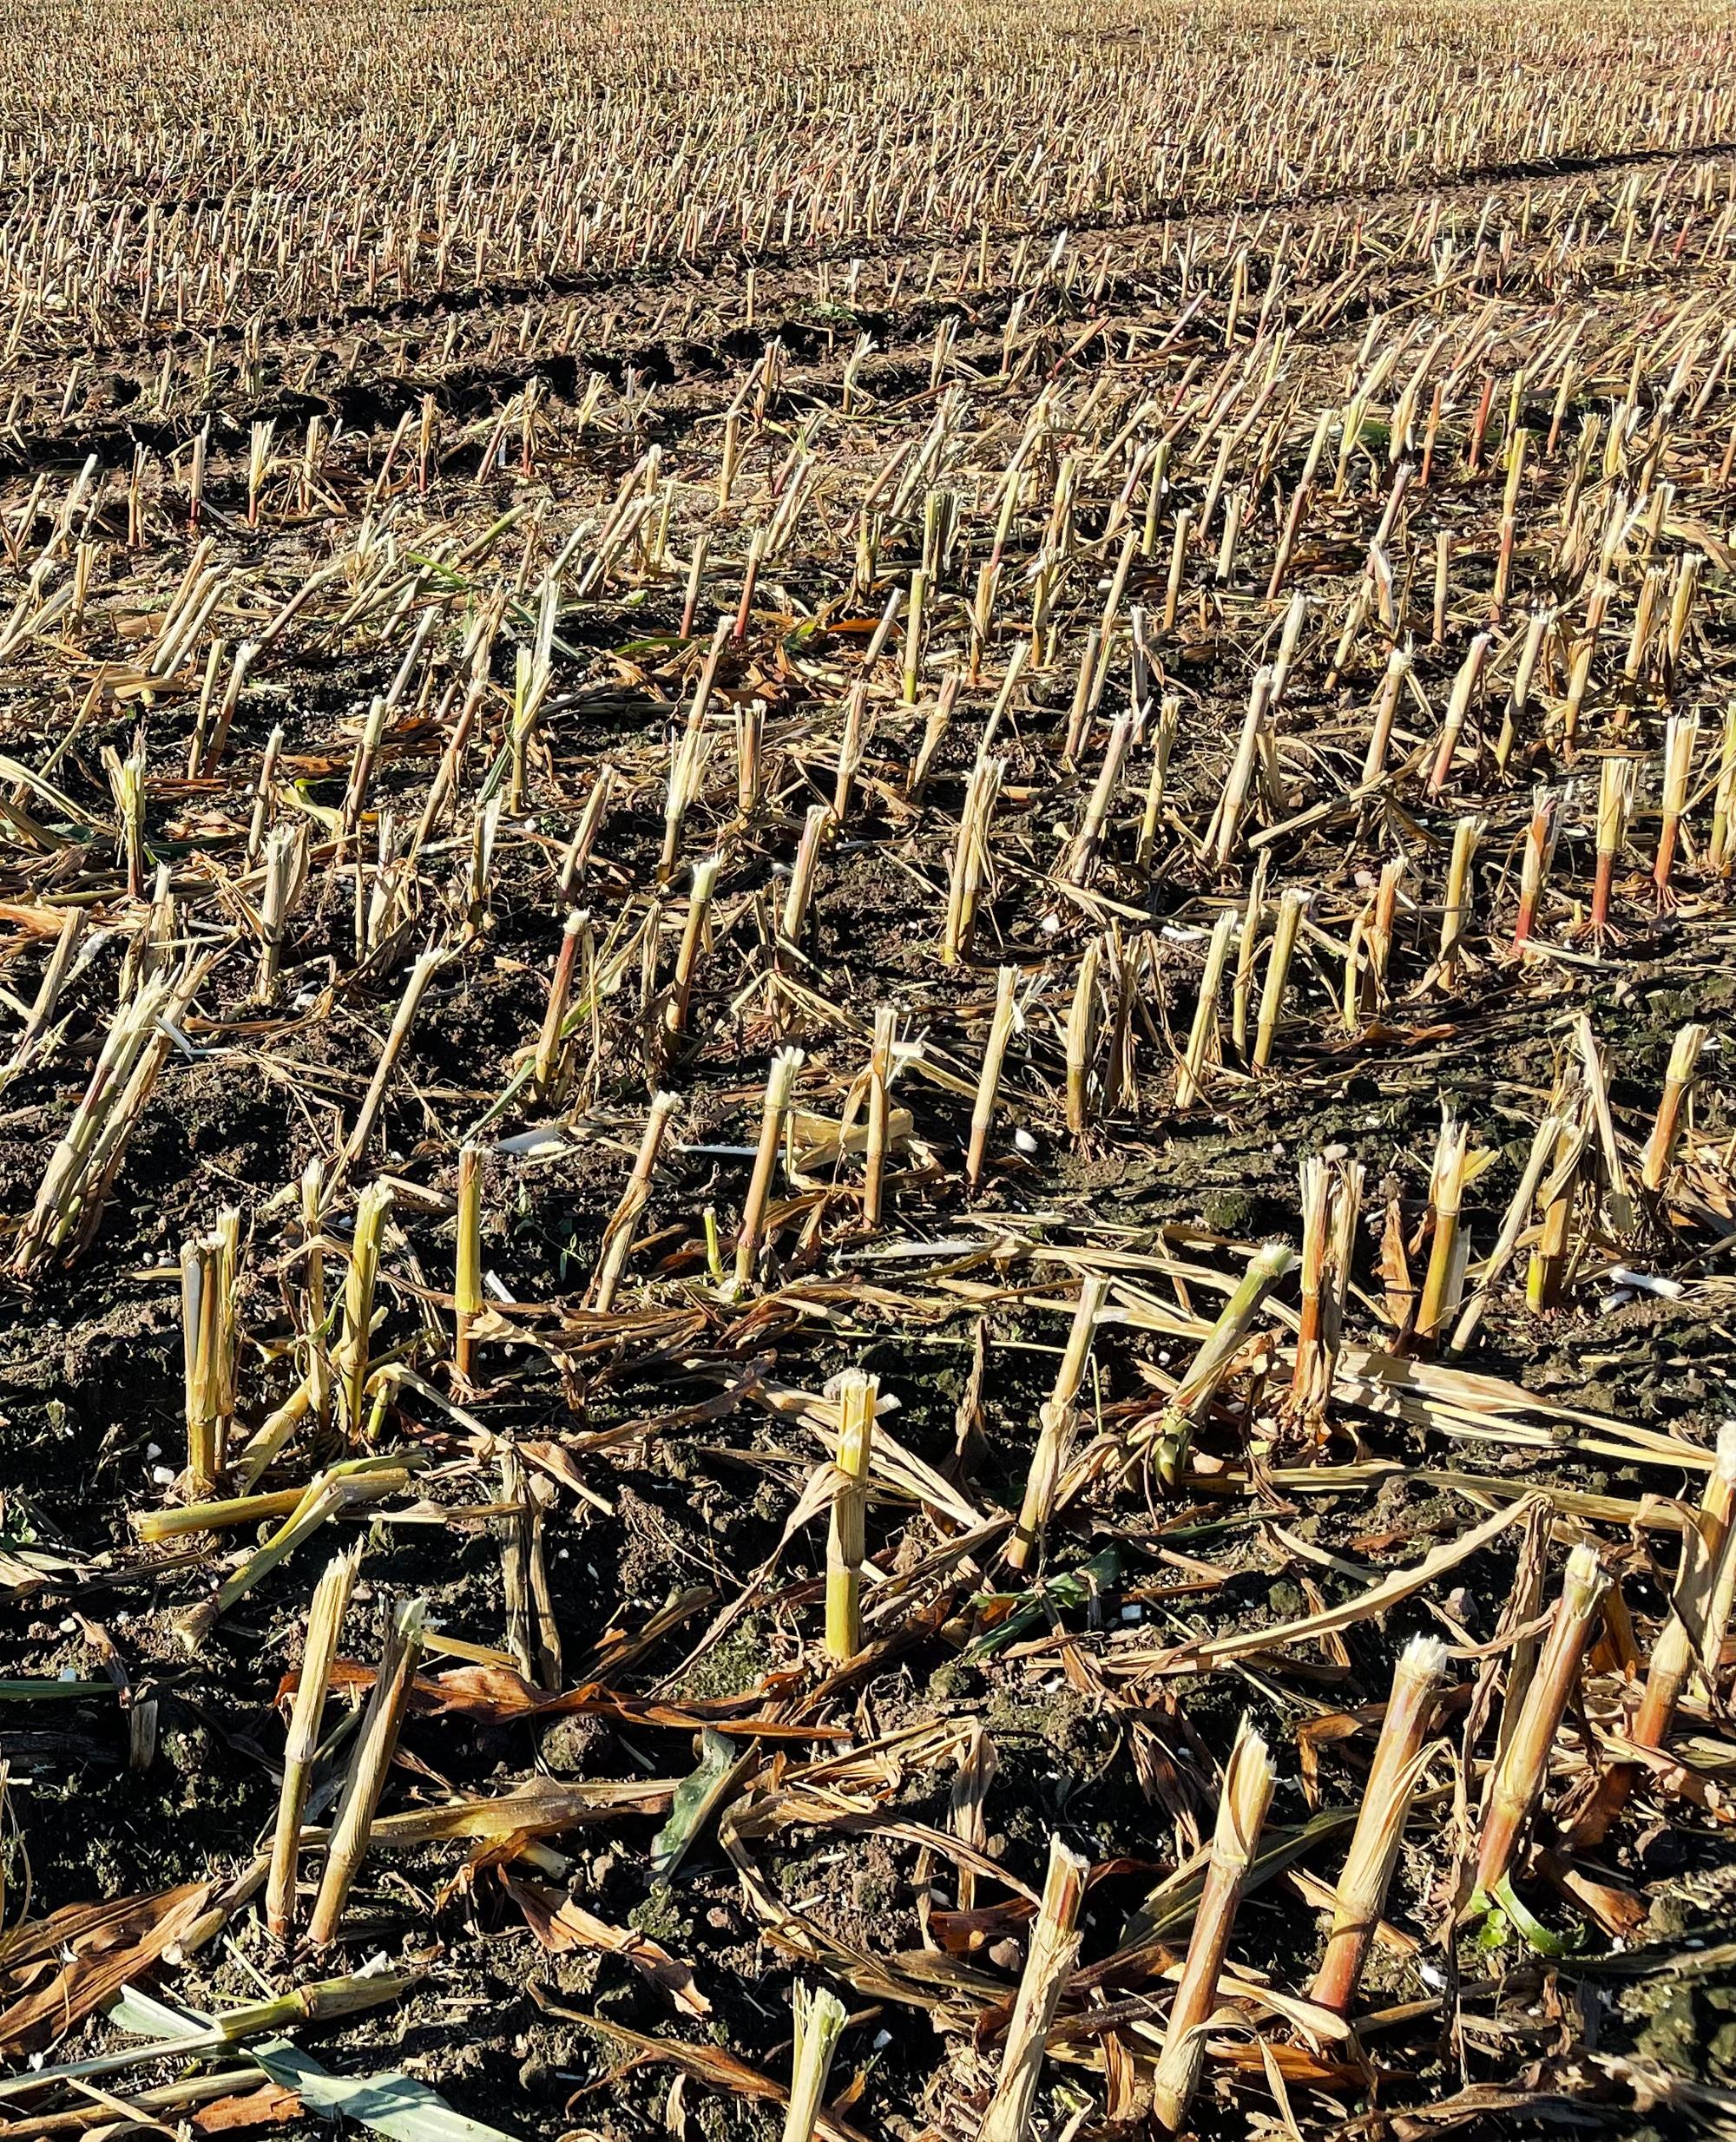 Nach der Ernte ist vor der Saat.